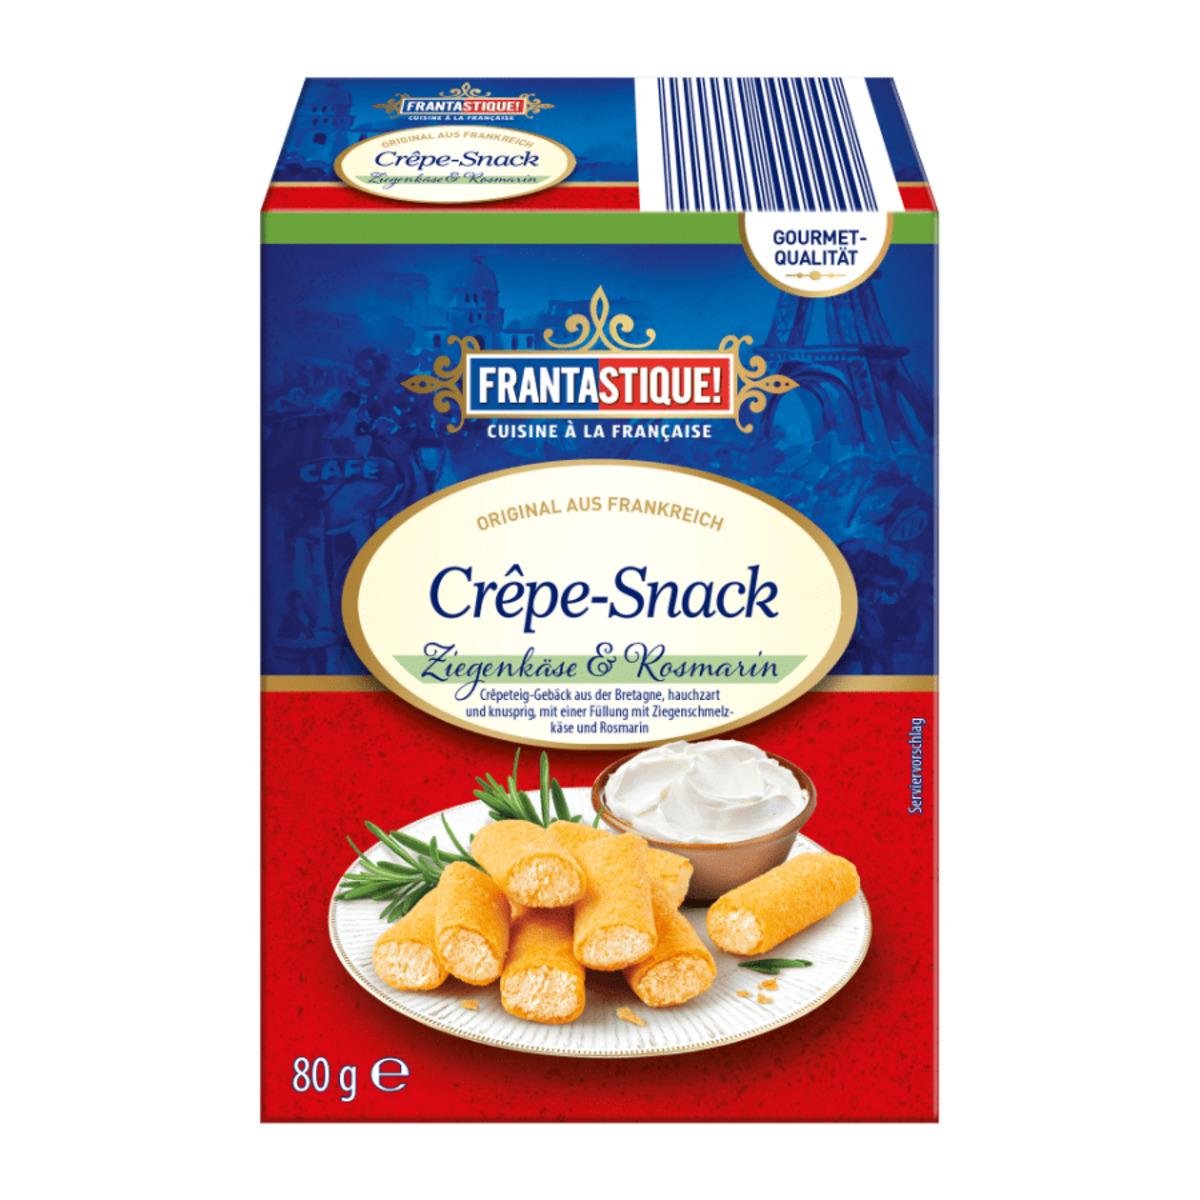 Bild 3 von FRANTASTIQUE!     Crêpe-Snack